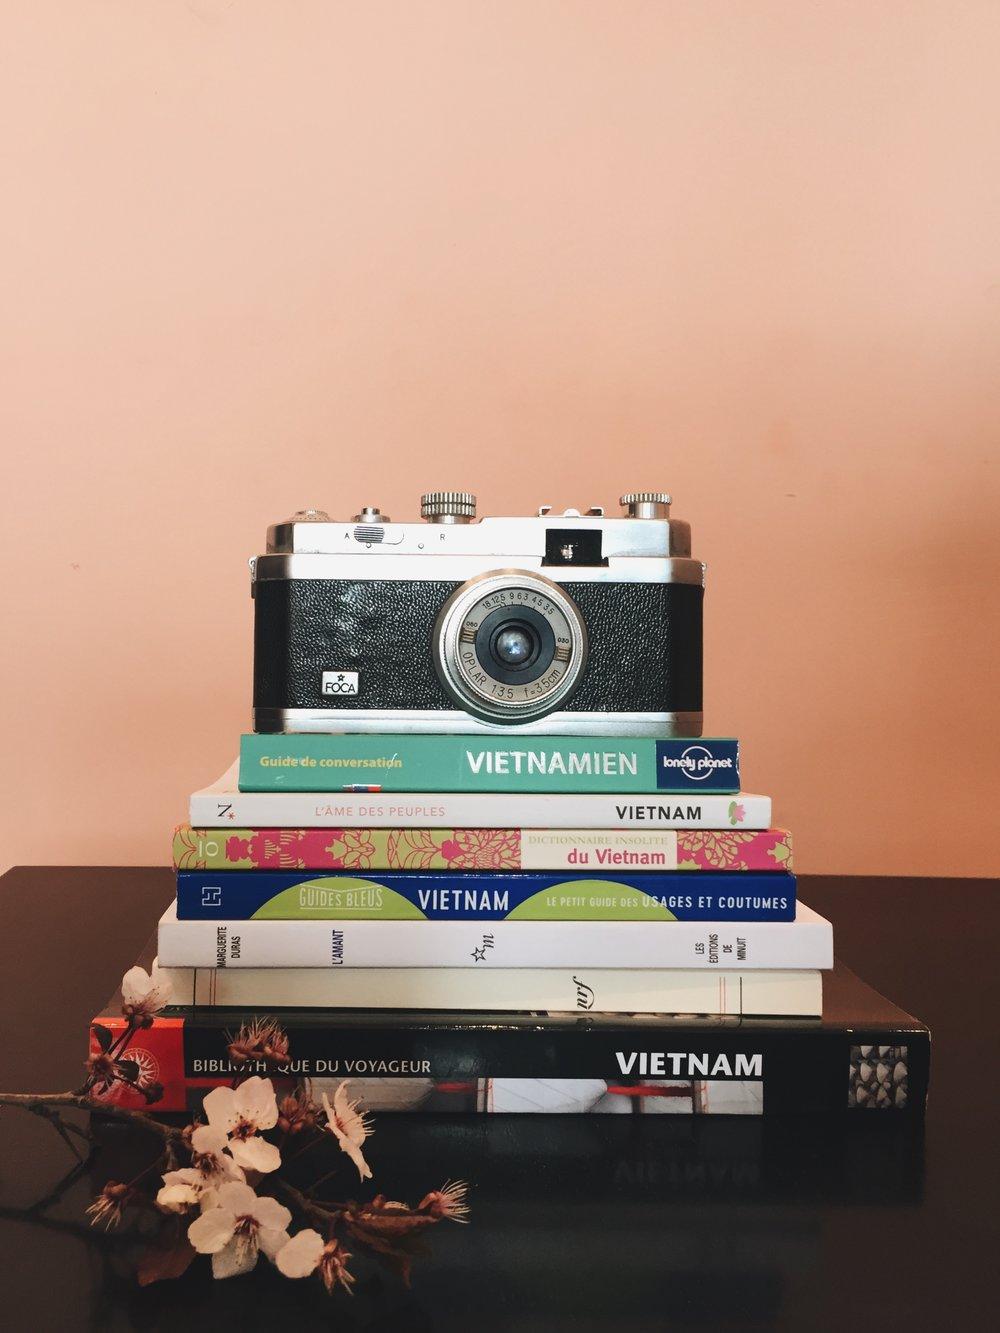 guides-voyage-vietnam.JPG